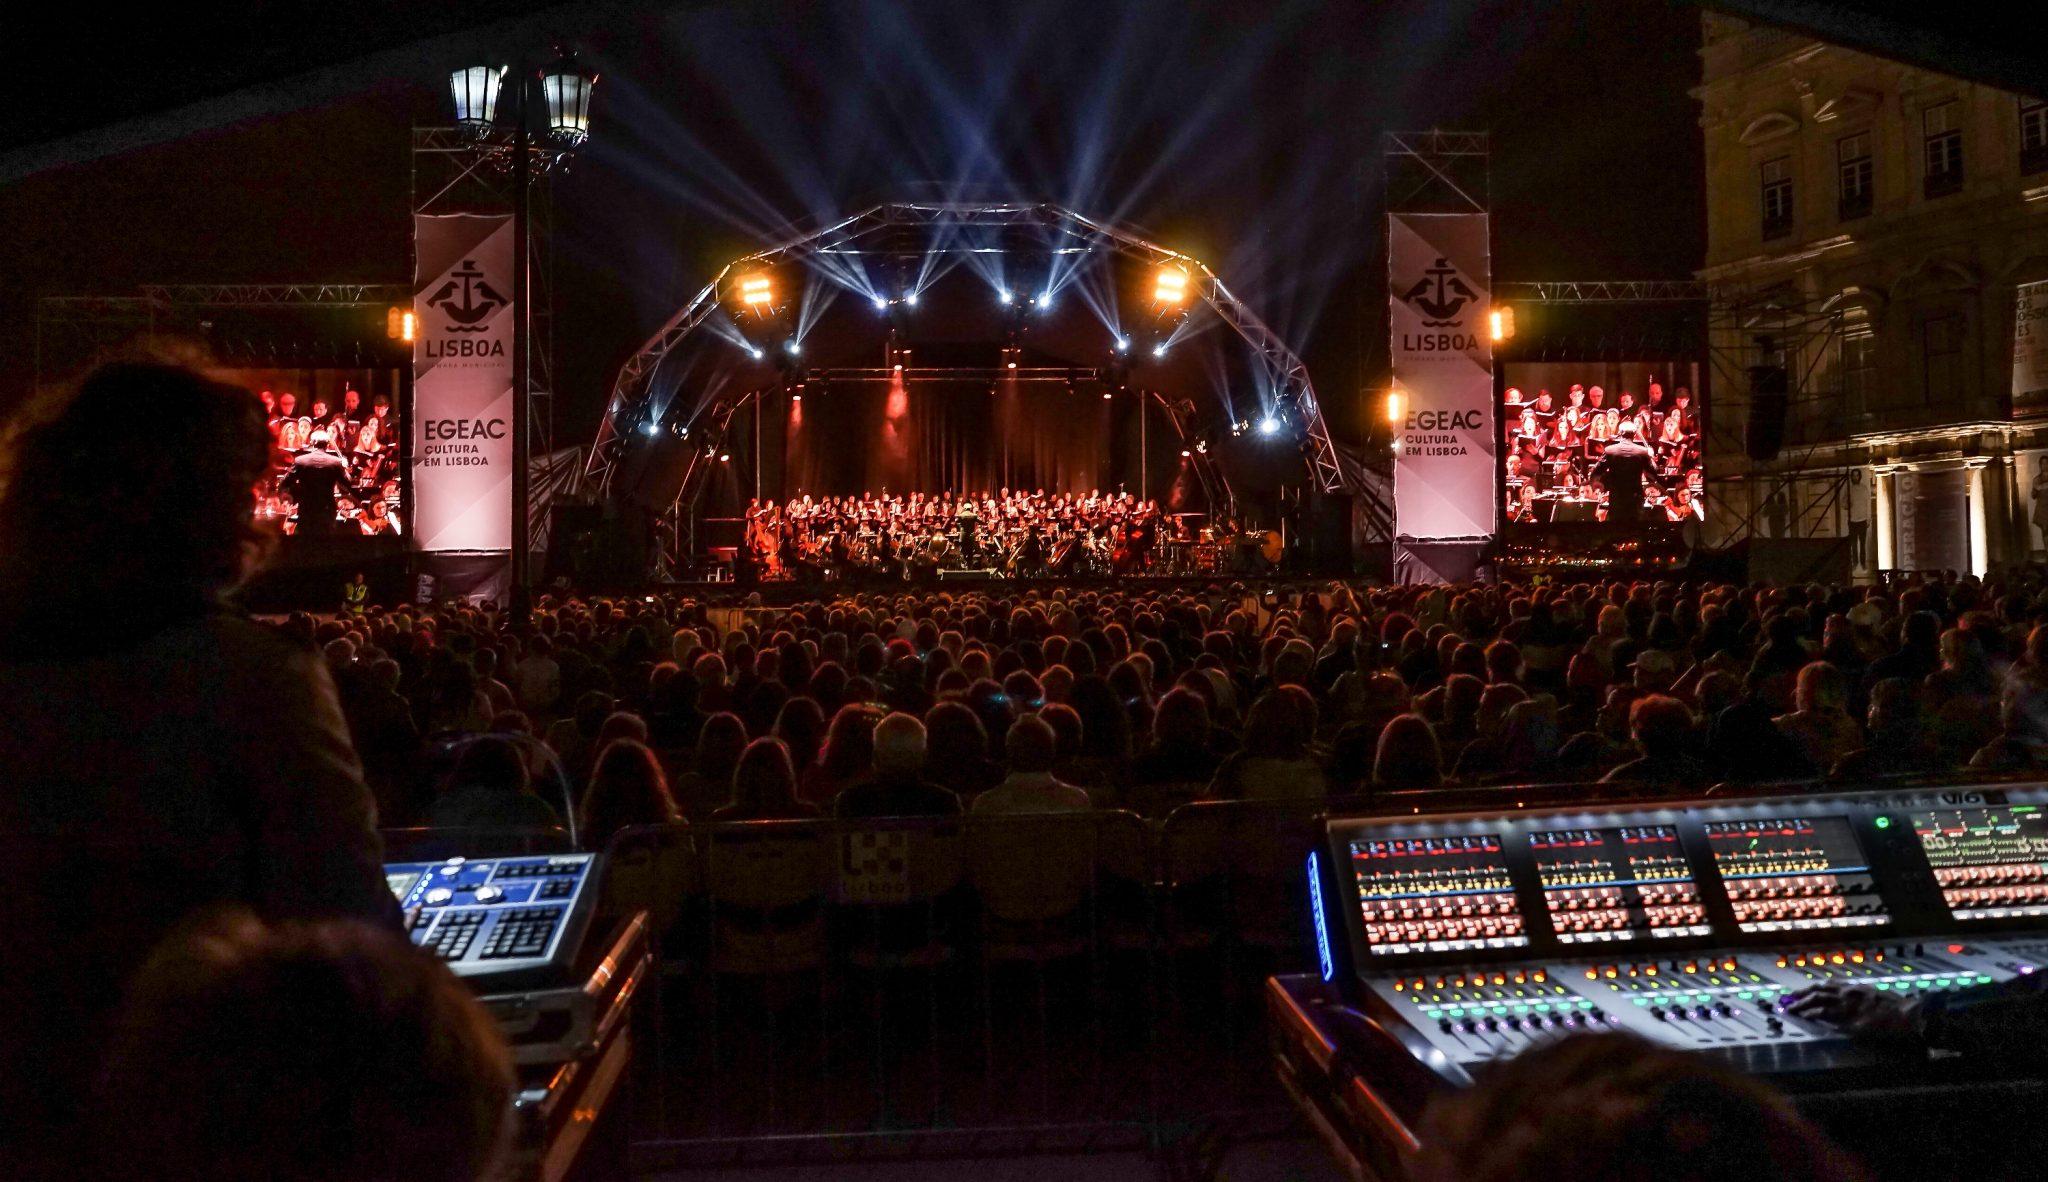 Visão noturna do palco de um concerto e plateia repleta de pessoas, de frente para o observador, ladeados à direita pelo Torreão Poente da Praça do Comércio e com a mesa de som em primeiro plano.